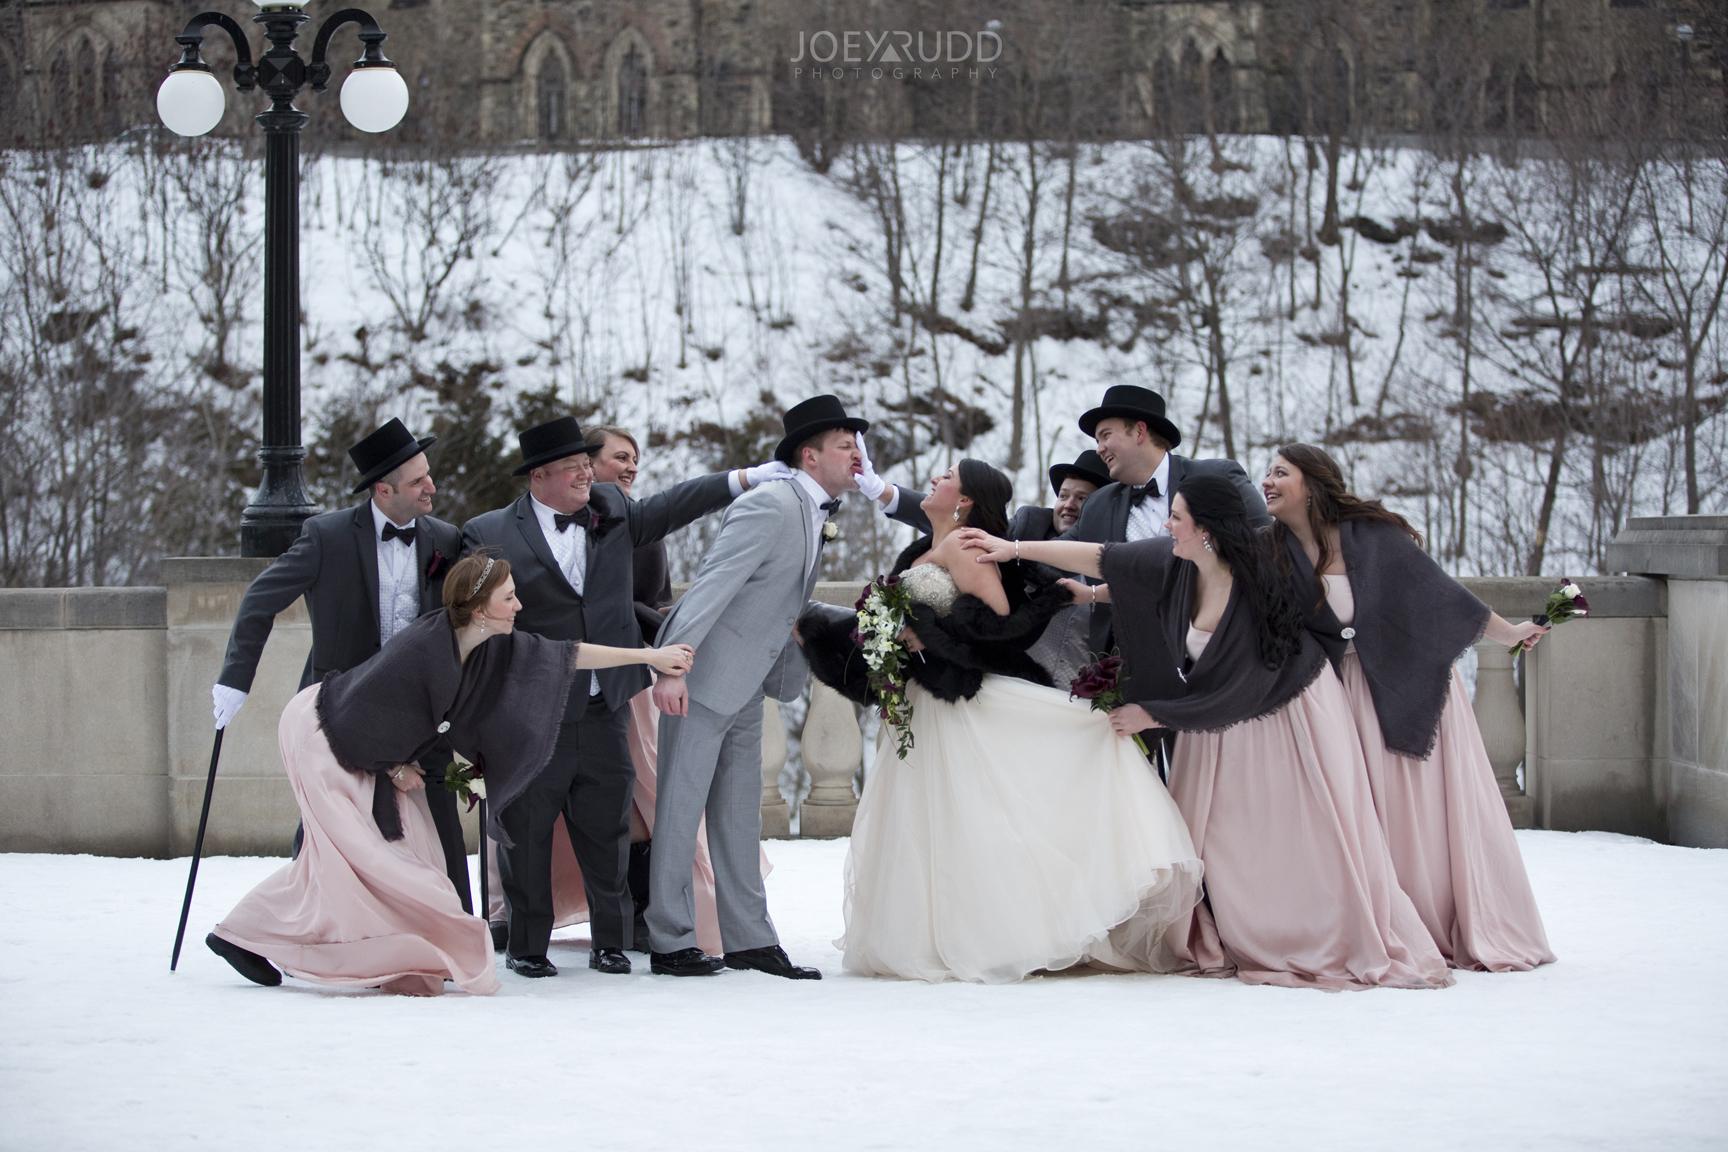 Fun Wedding Party Photos Ottawa Weddings